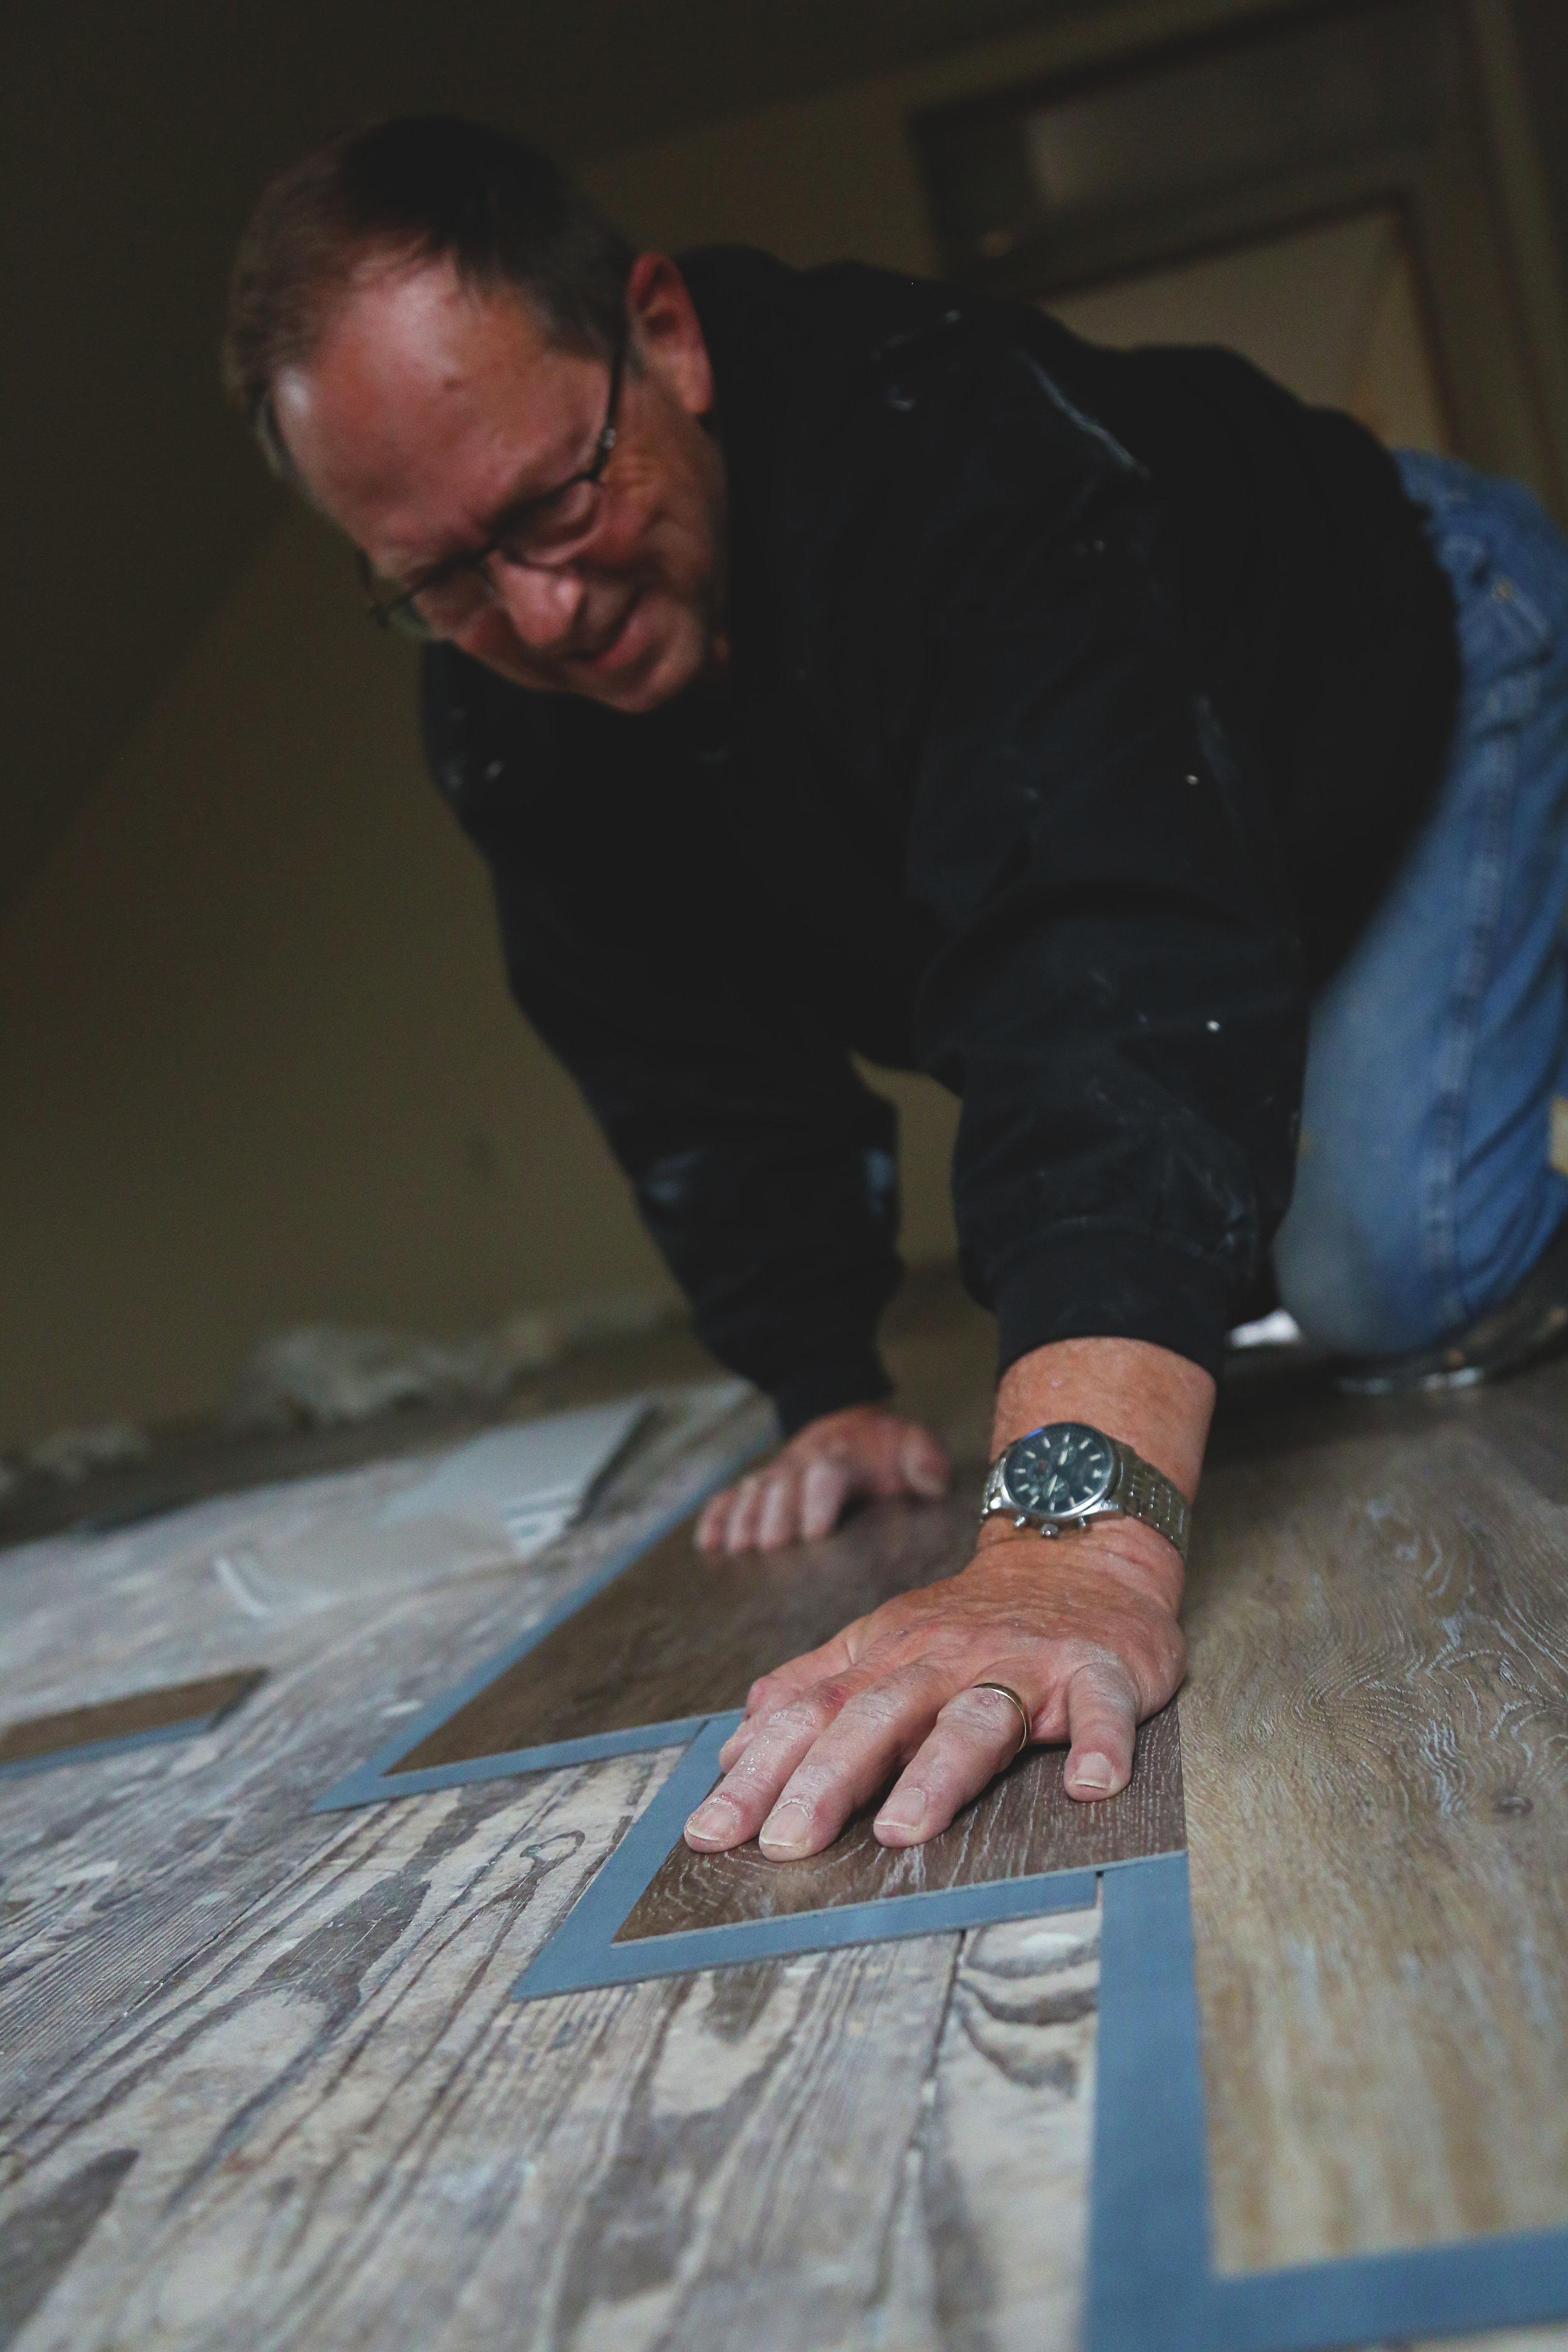 Flooring Installation Hannon Construction Residential Construction Services.jpg